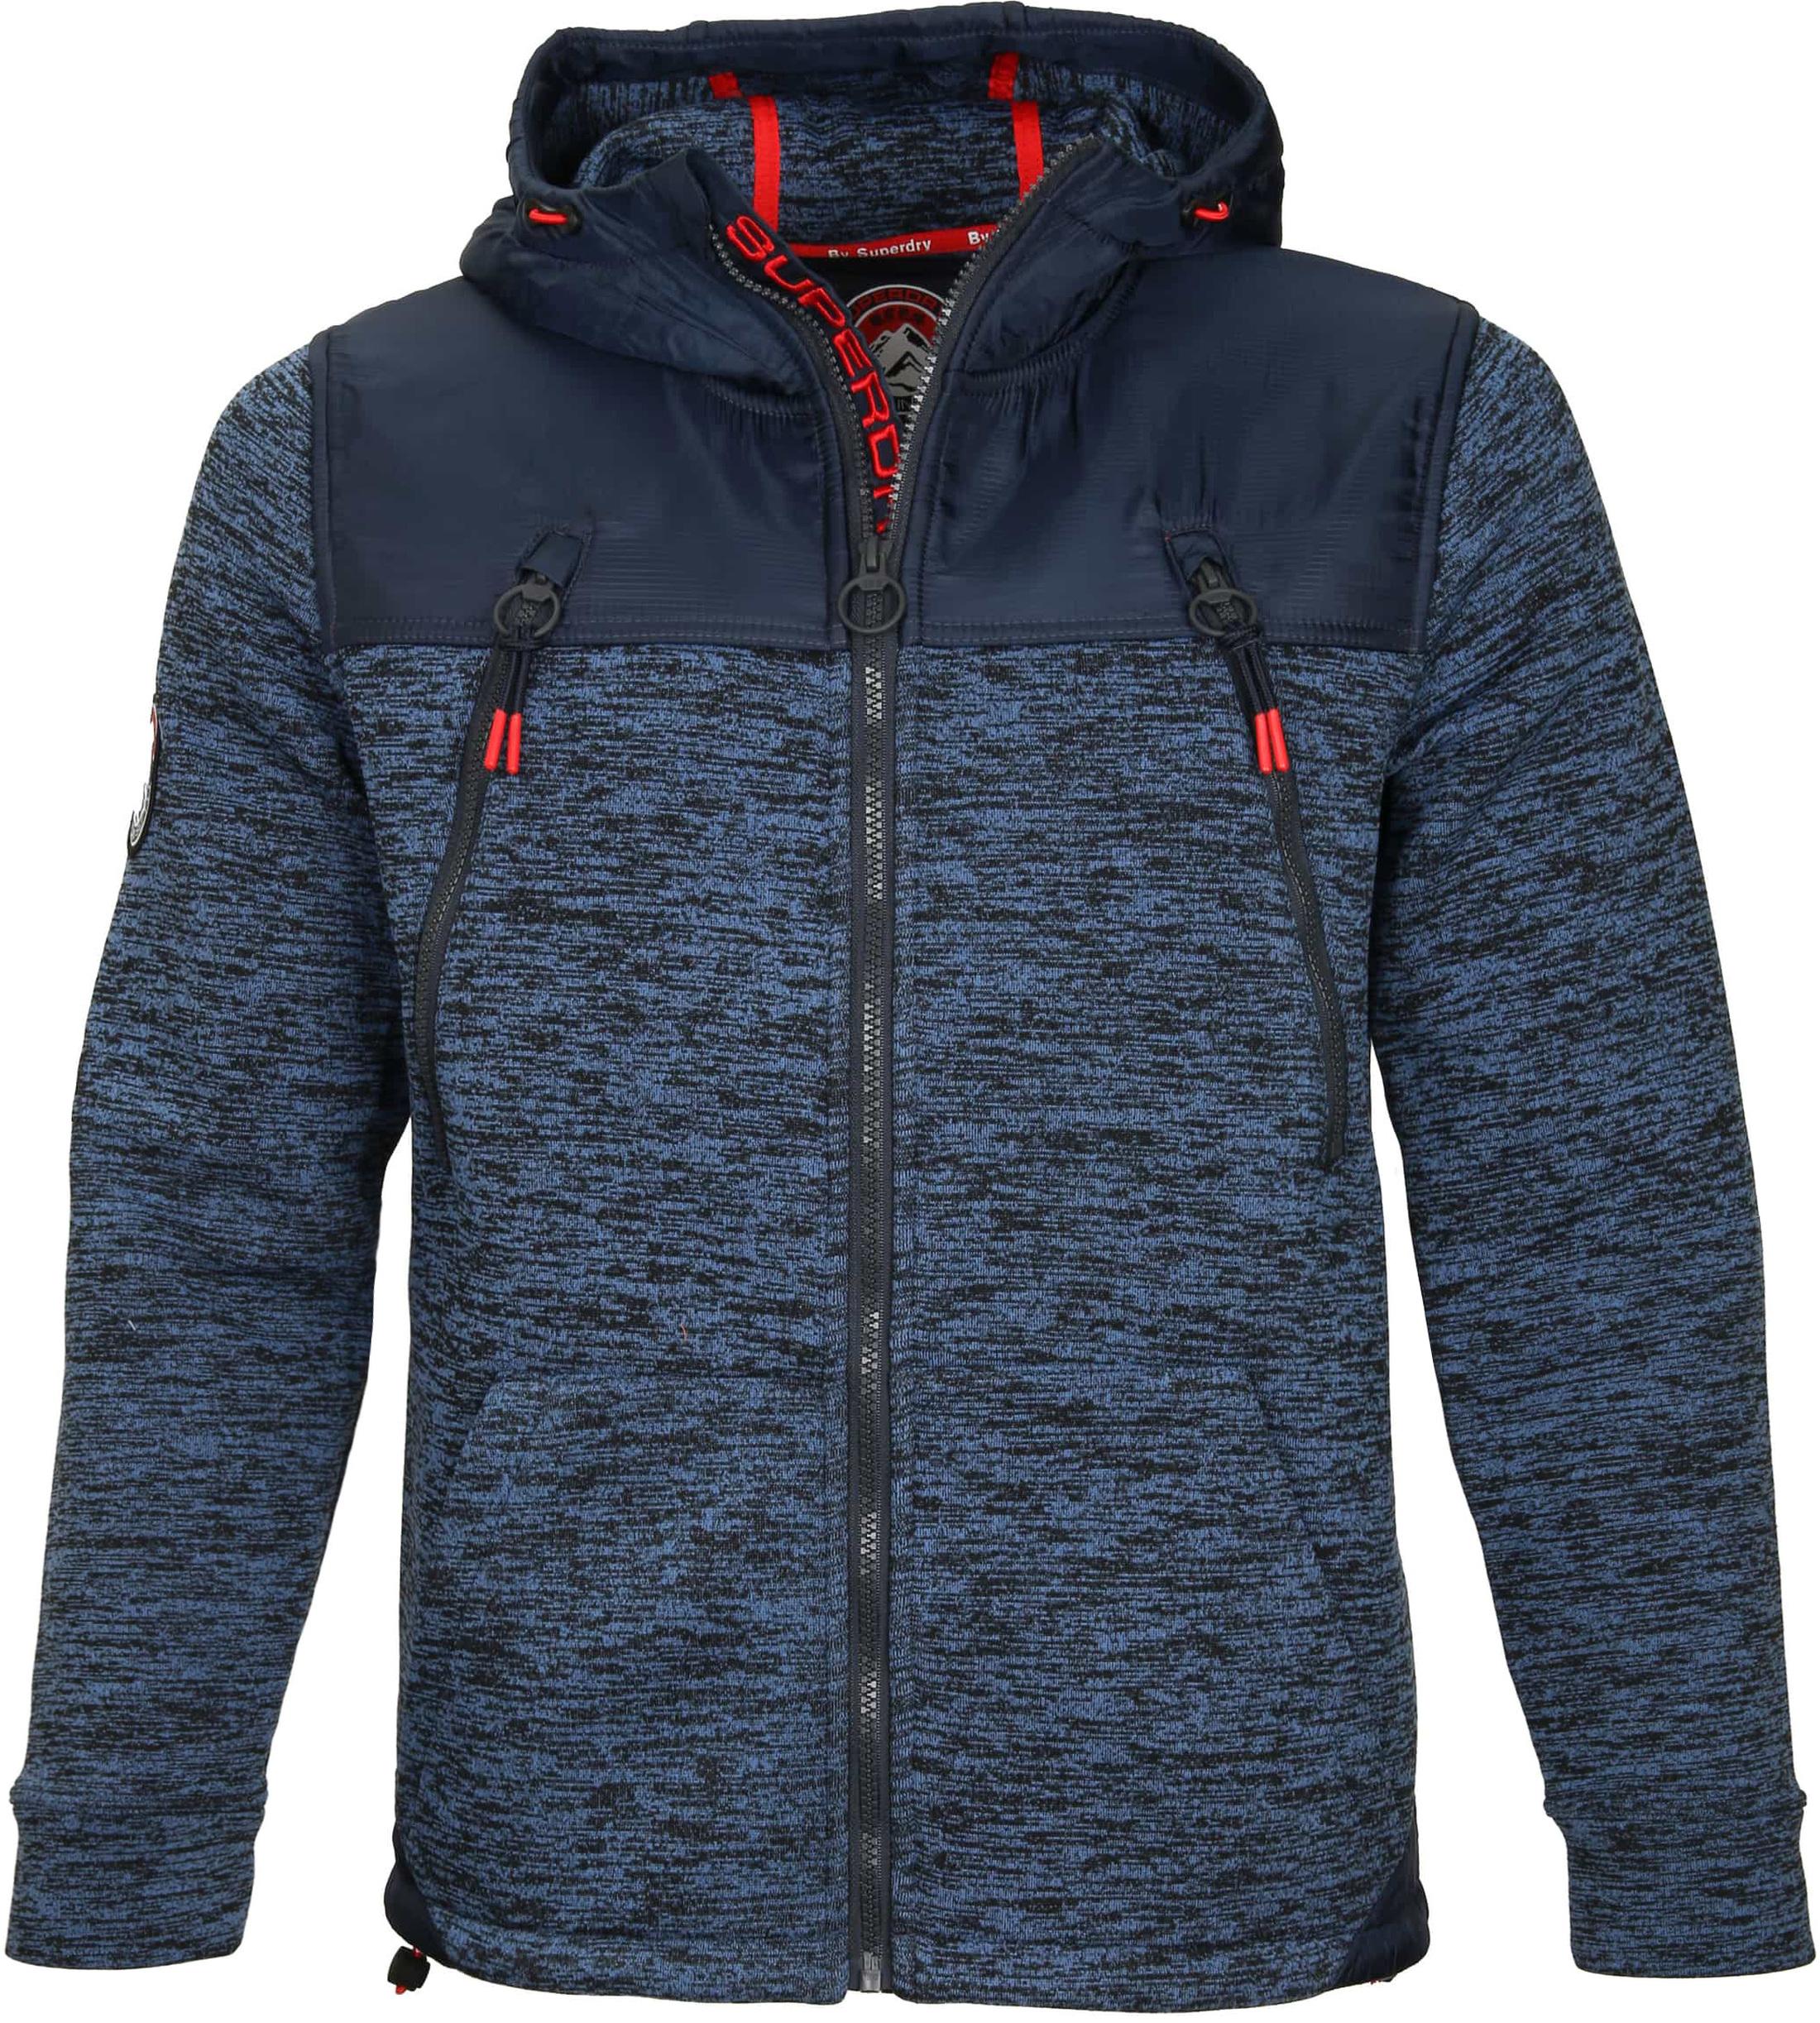 wholesale dealer a666b 995e1 Superdry Jacke Dunkelblau M2001MR online kaufen | Suitable